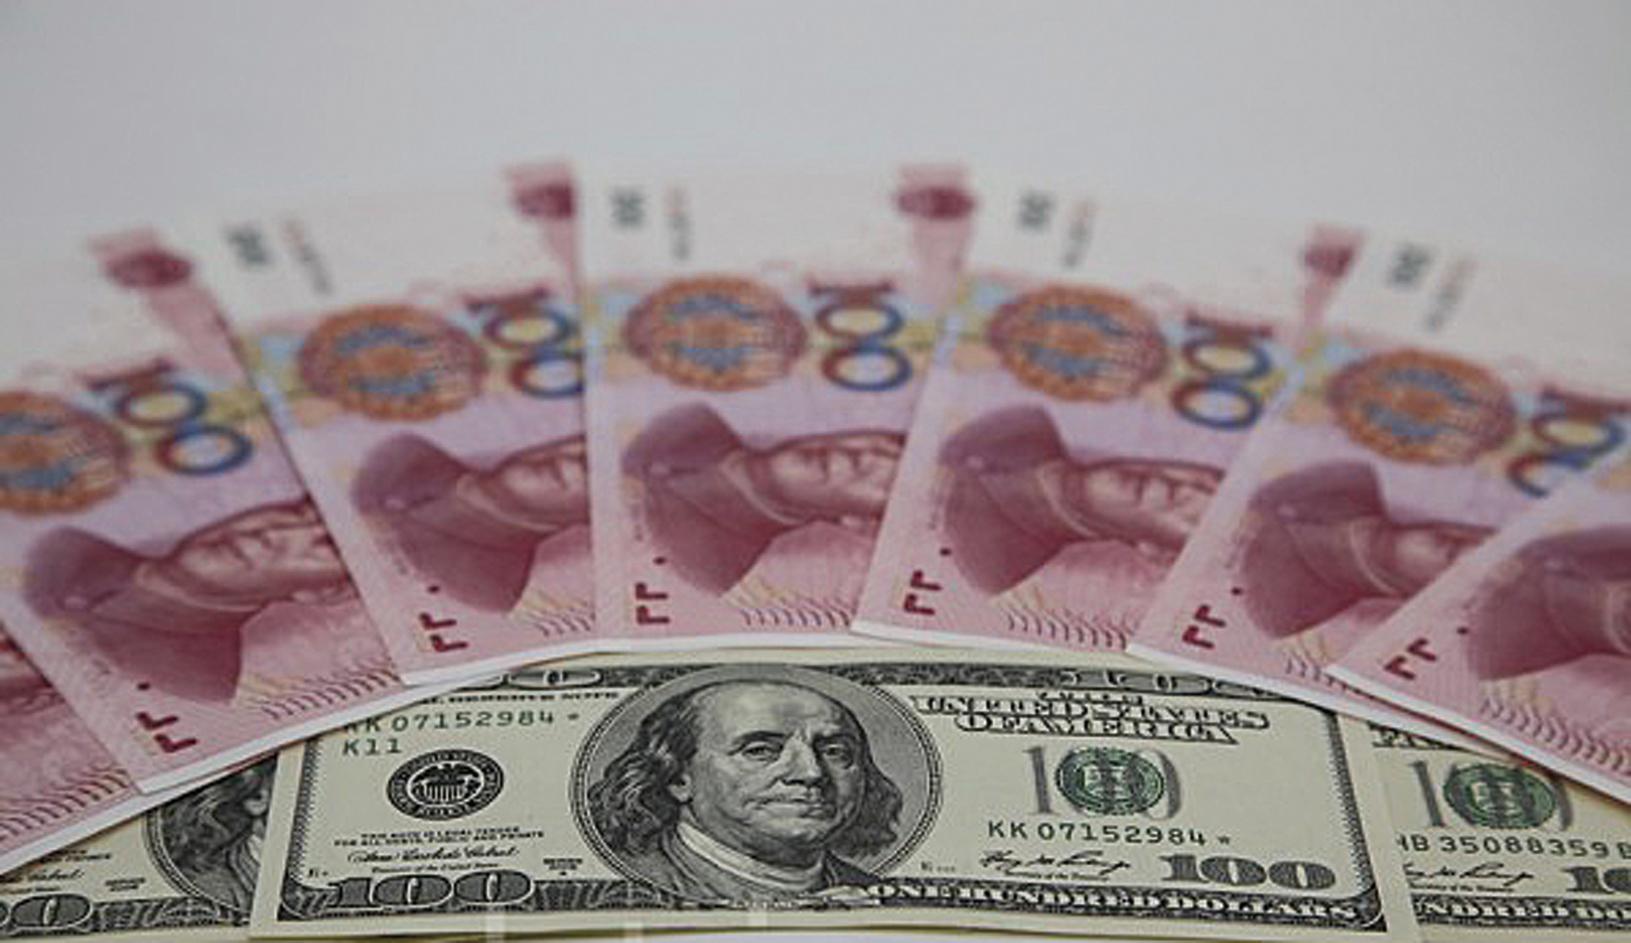 最新調查顯示,大陸居民預計2017年人民幣兌美元匯率將持續貶值。(余鋼/大紀元)